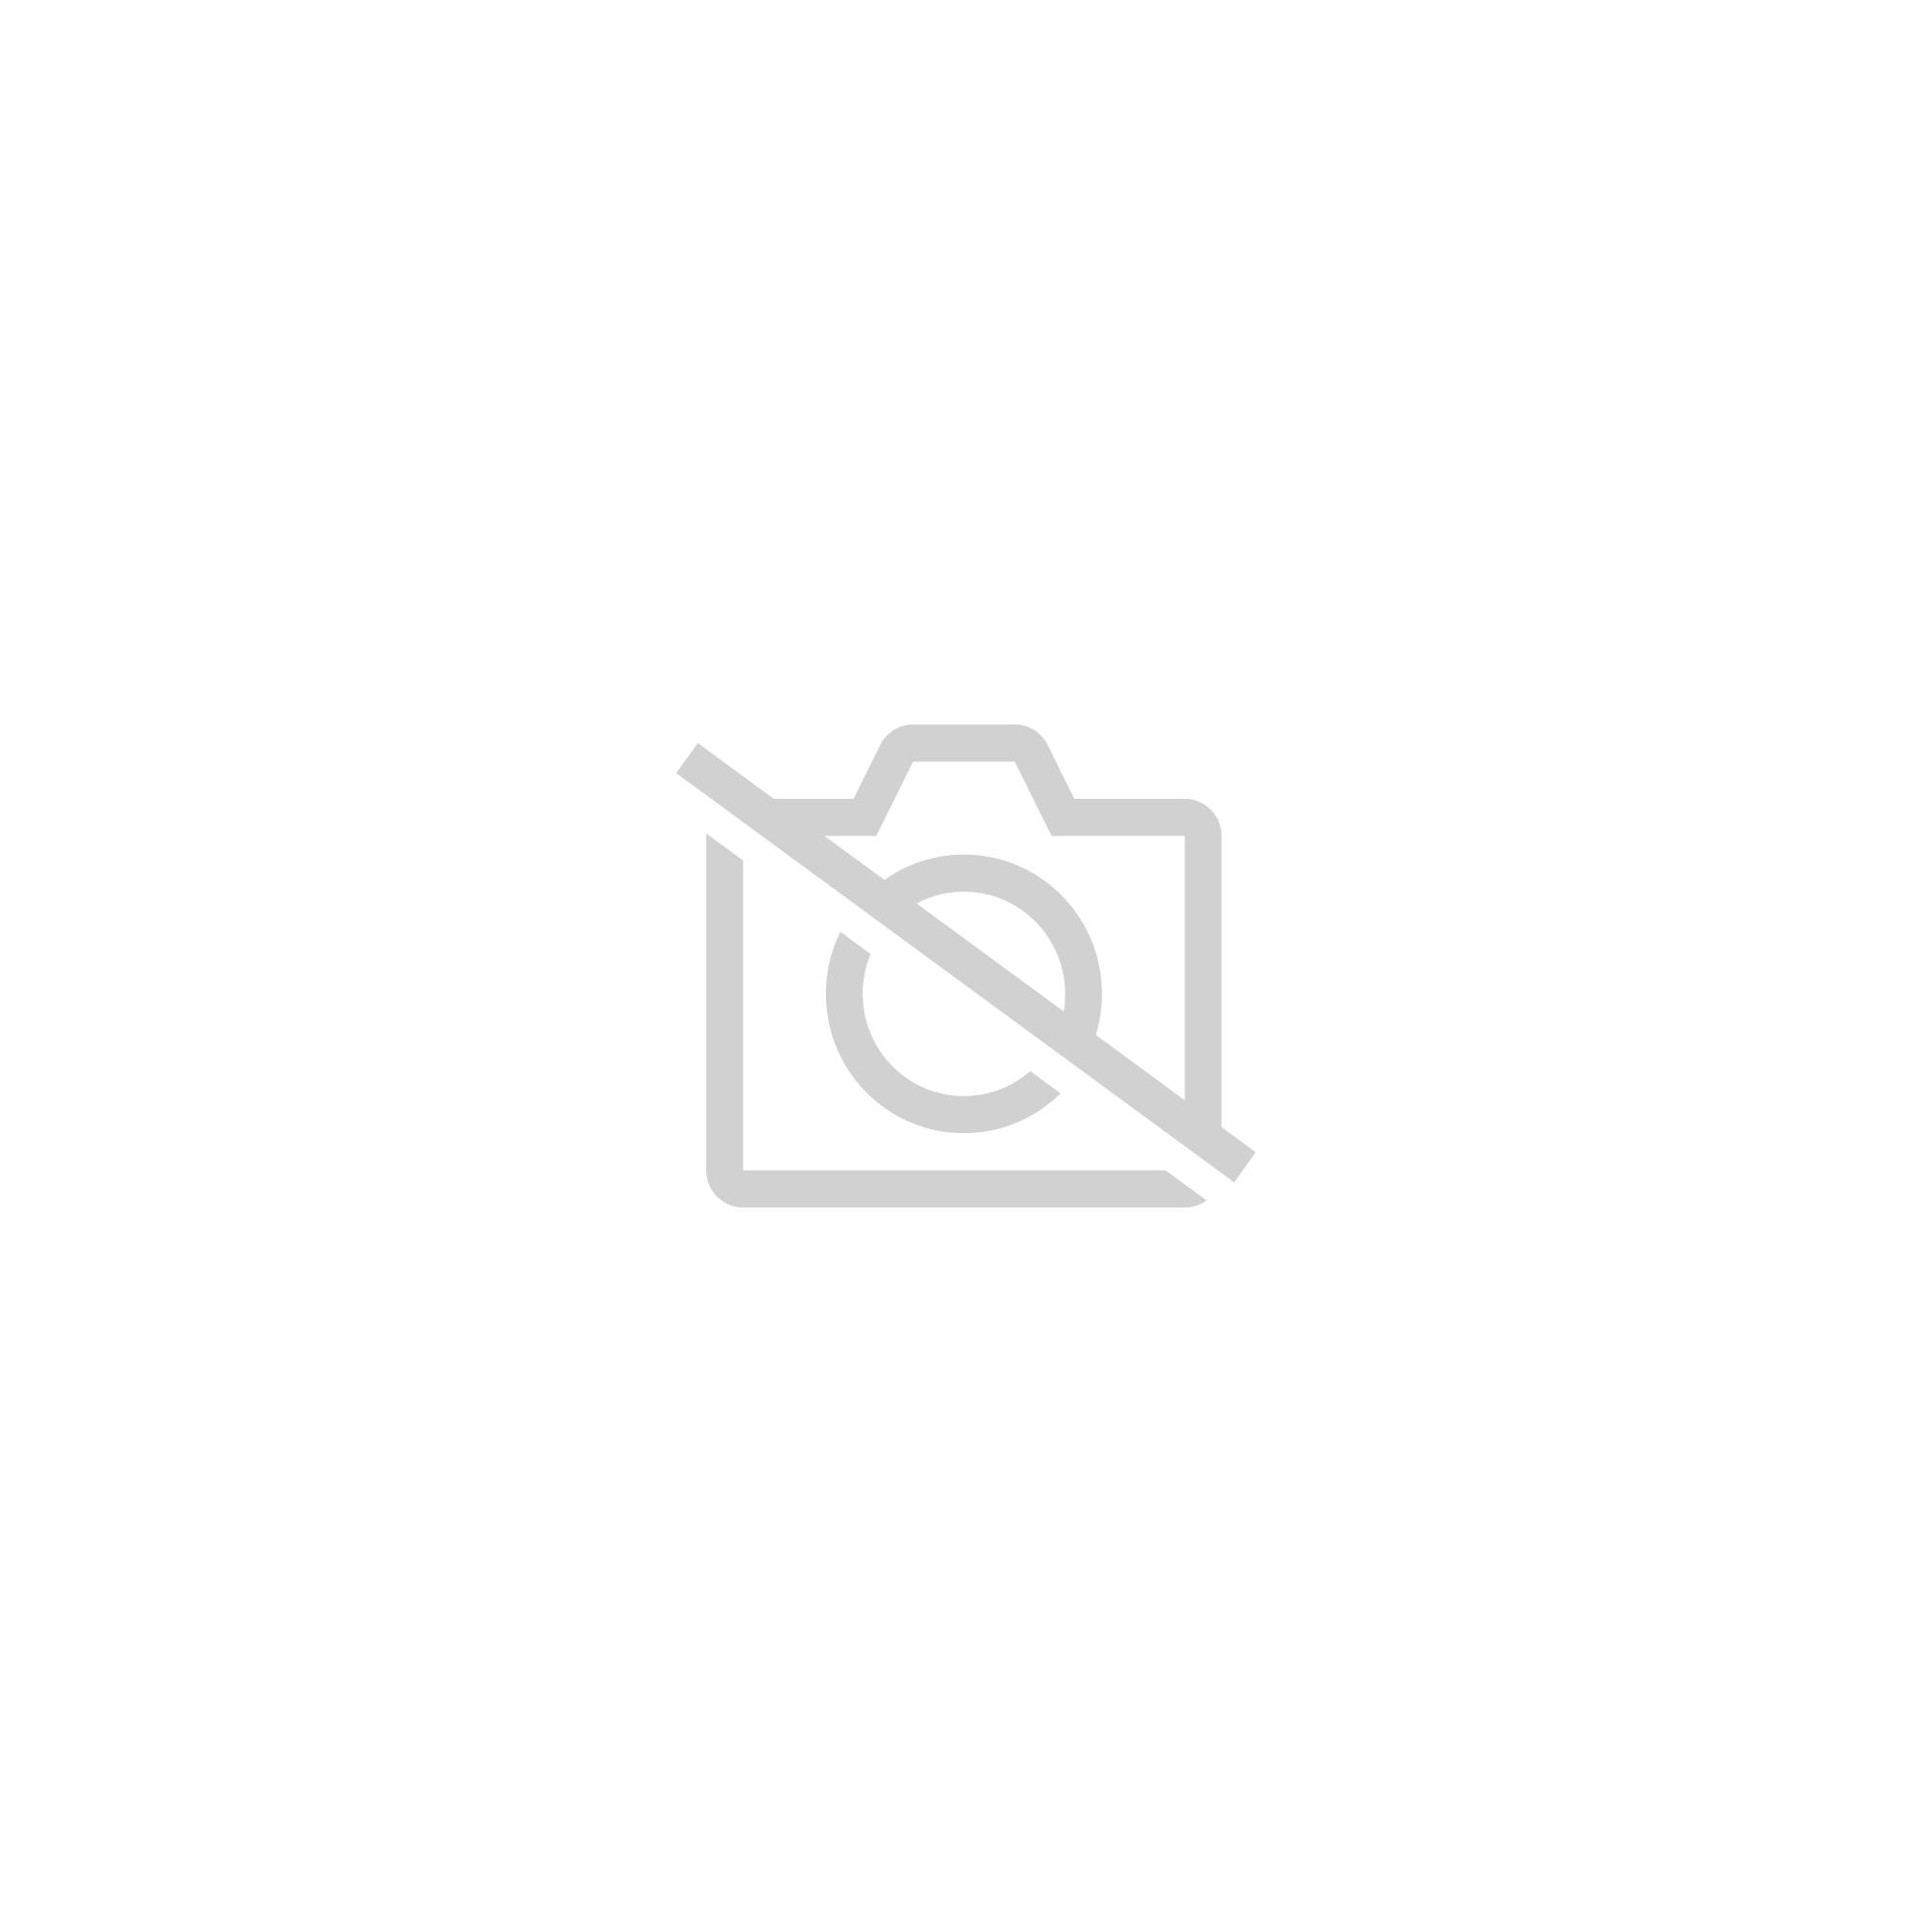 �cran LCD 15.6 LED pour ordinateur portable HP Pavilion 15-e050sf + outils de montage